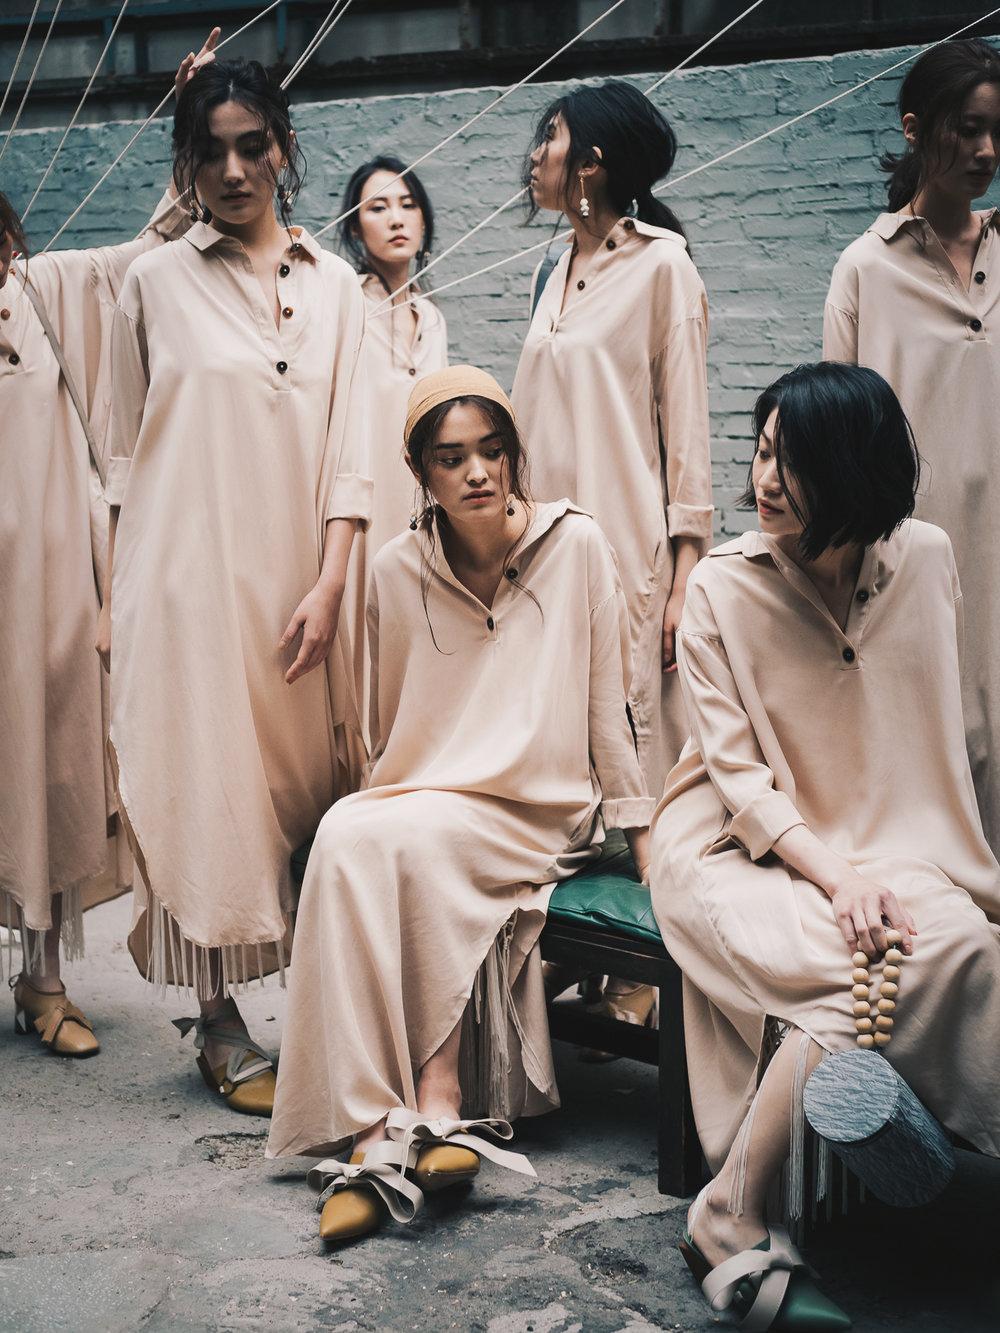 Ullnaka Dress Code 2018 - Olympus E-M1MarkII 2512 - Yes! Please Enjoy-36.jpg